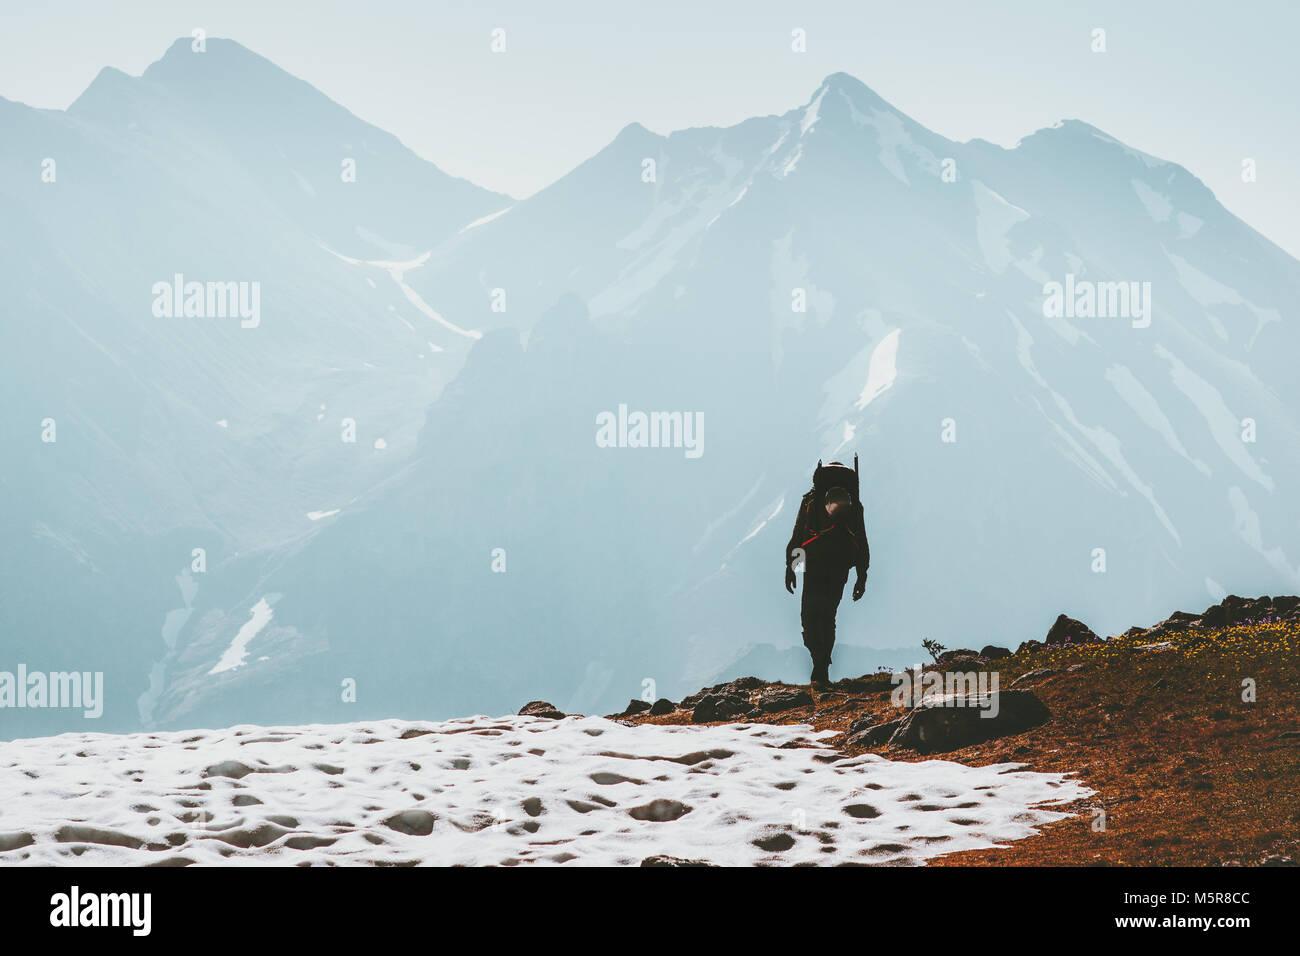 Reisende Menschen wandern in die berge Lifestyle Reisen überleben Konzept Abenteuer Outdoor Aktiv Ferien klettern Stockbild